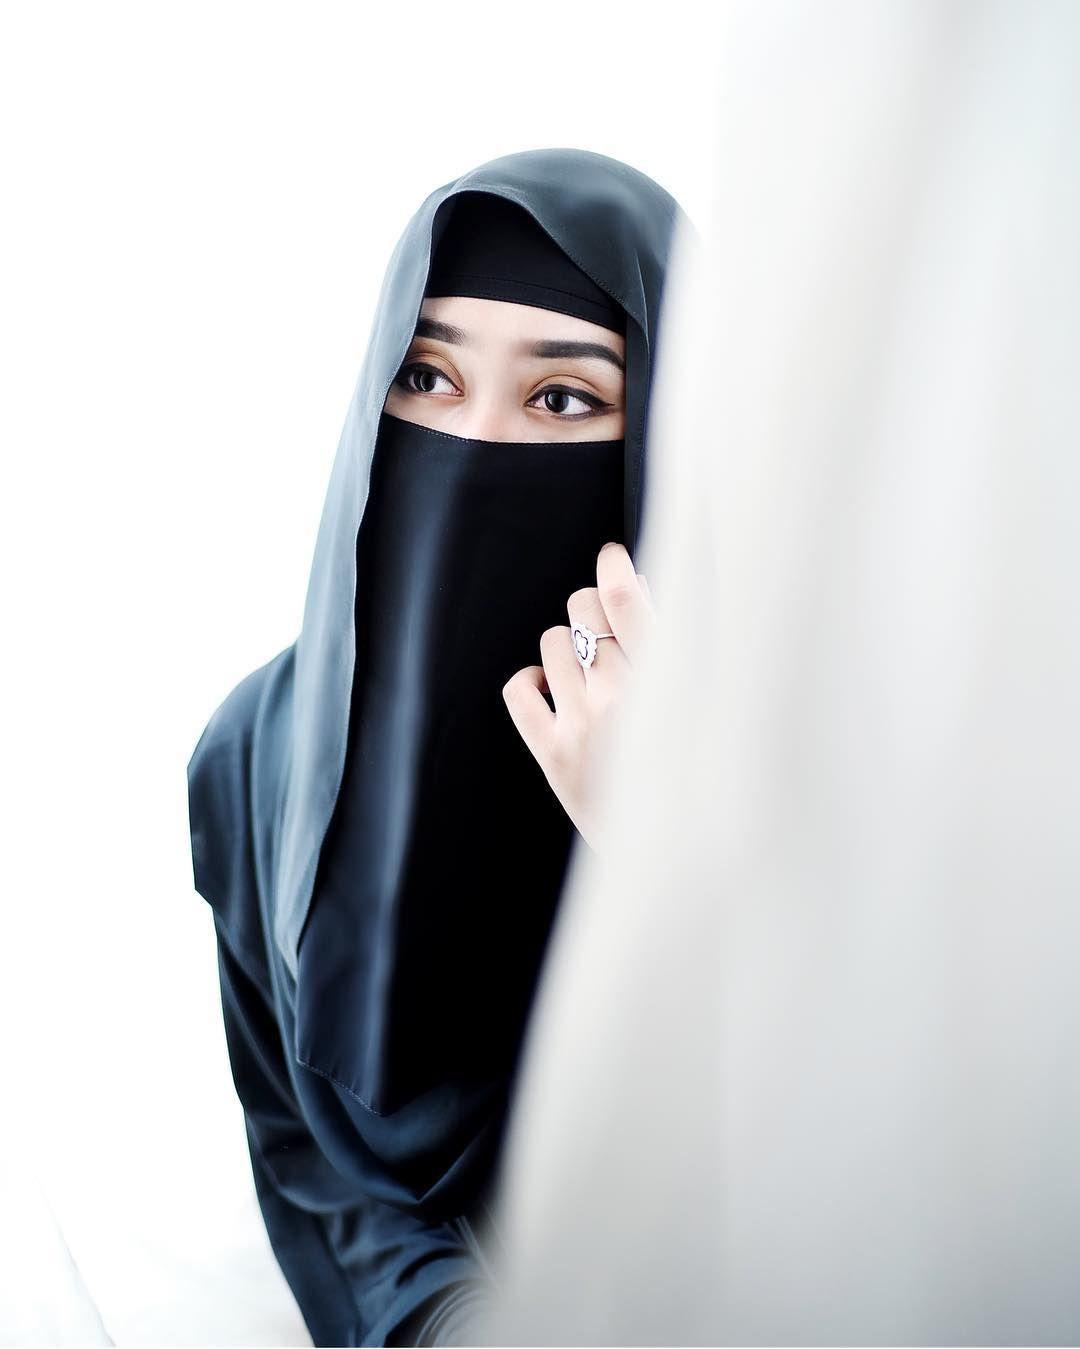 Hijab Wearitright Dian Pelangi Niqab Niqab Fashion Girl Hijab